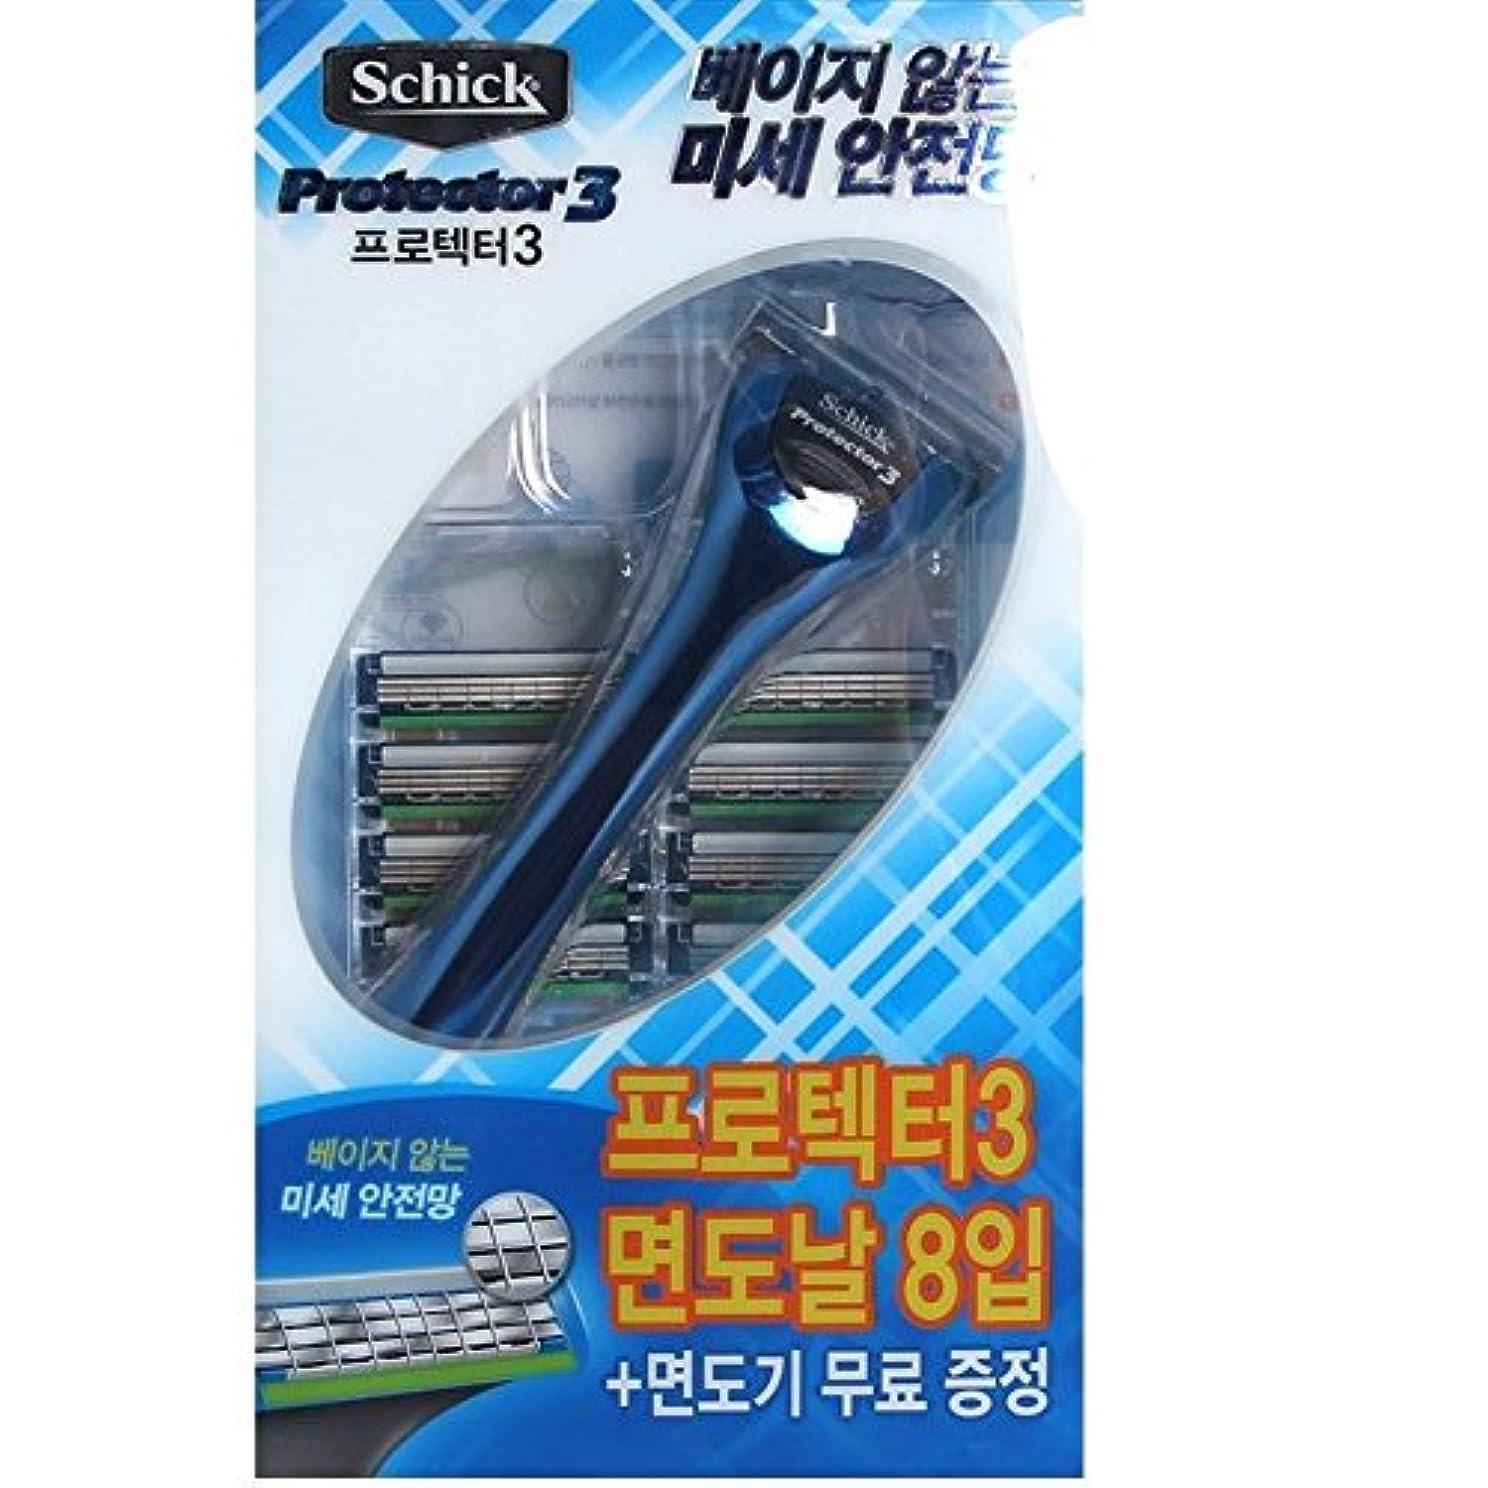 気付く原理ブラウスSchick Protector3 1レイザー+9カートリッジリフィルブレイド [並行輸入品]